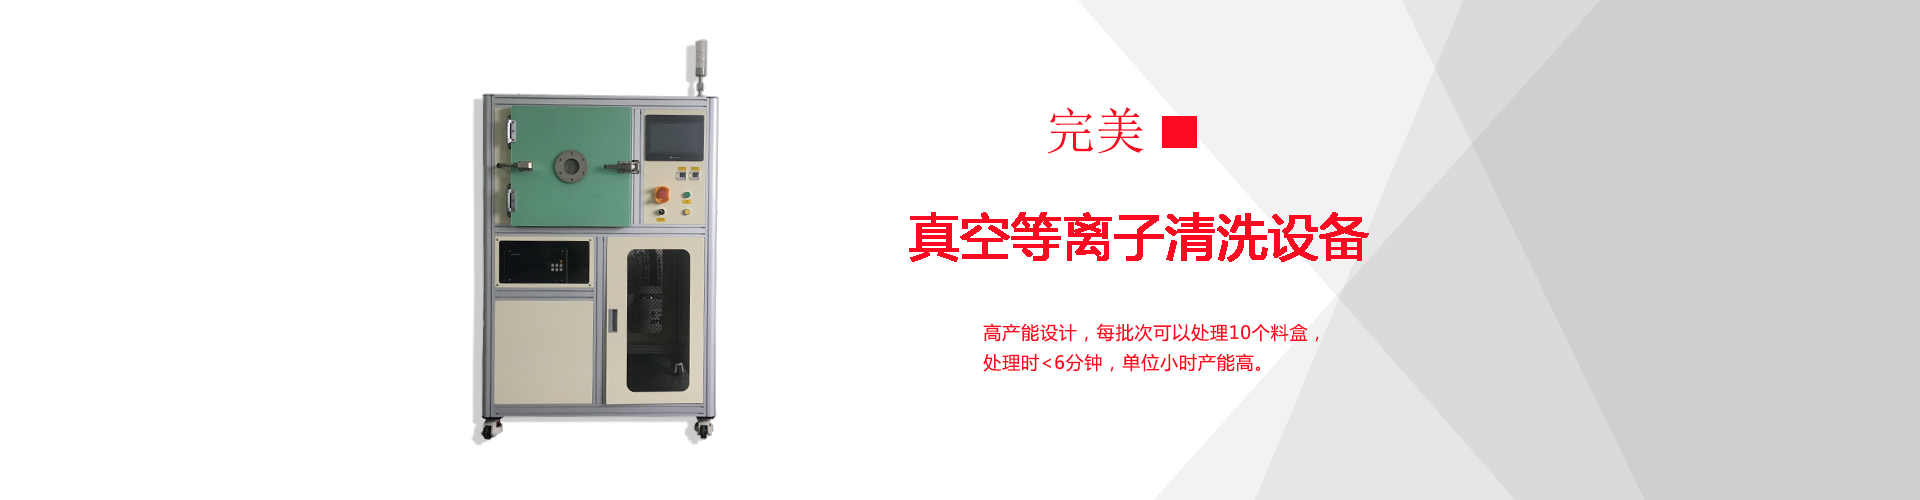 深圳市普拉斯玛自动化设备有限公司